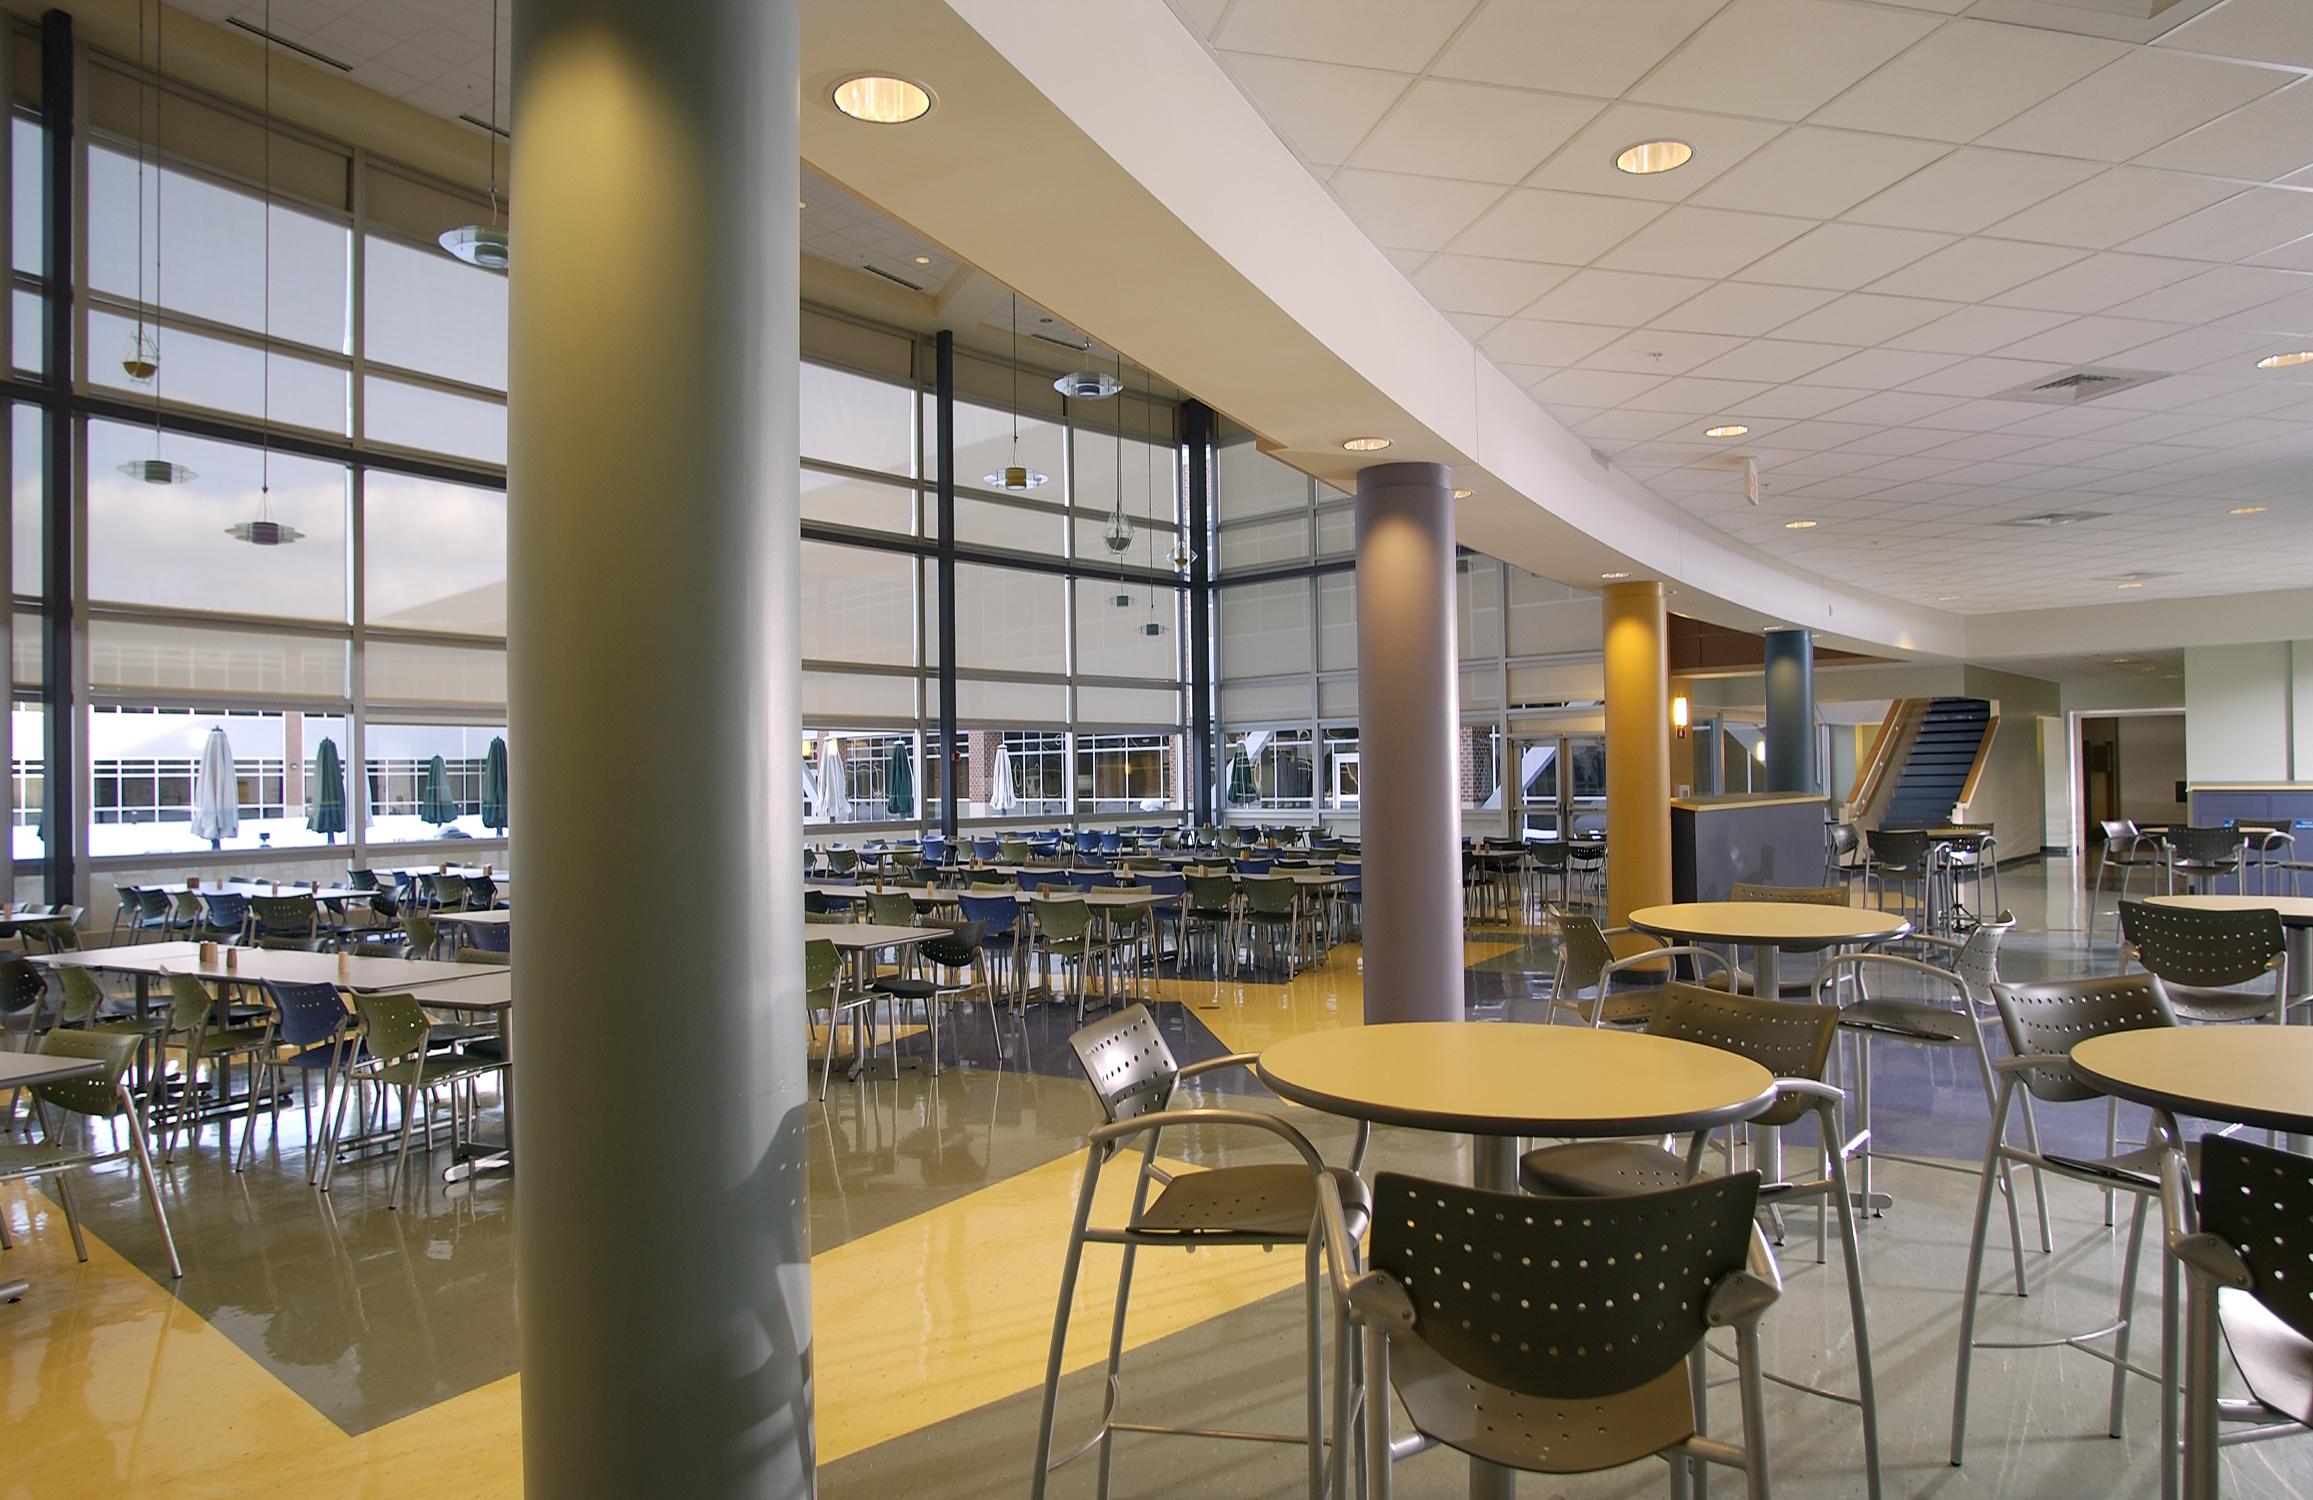 EMC-Corporate-HQ-Cafeteria.jpg